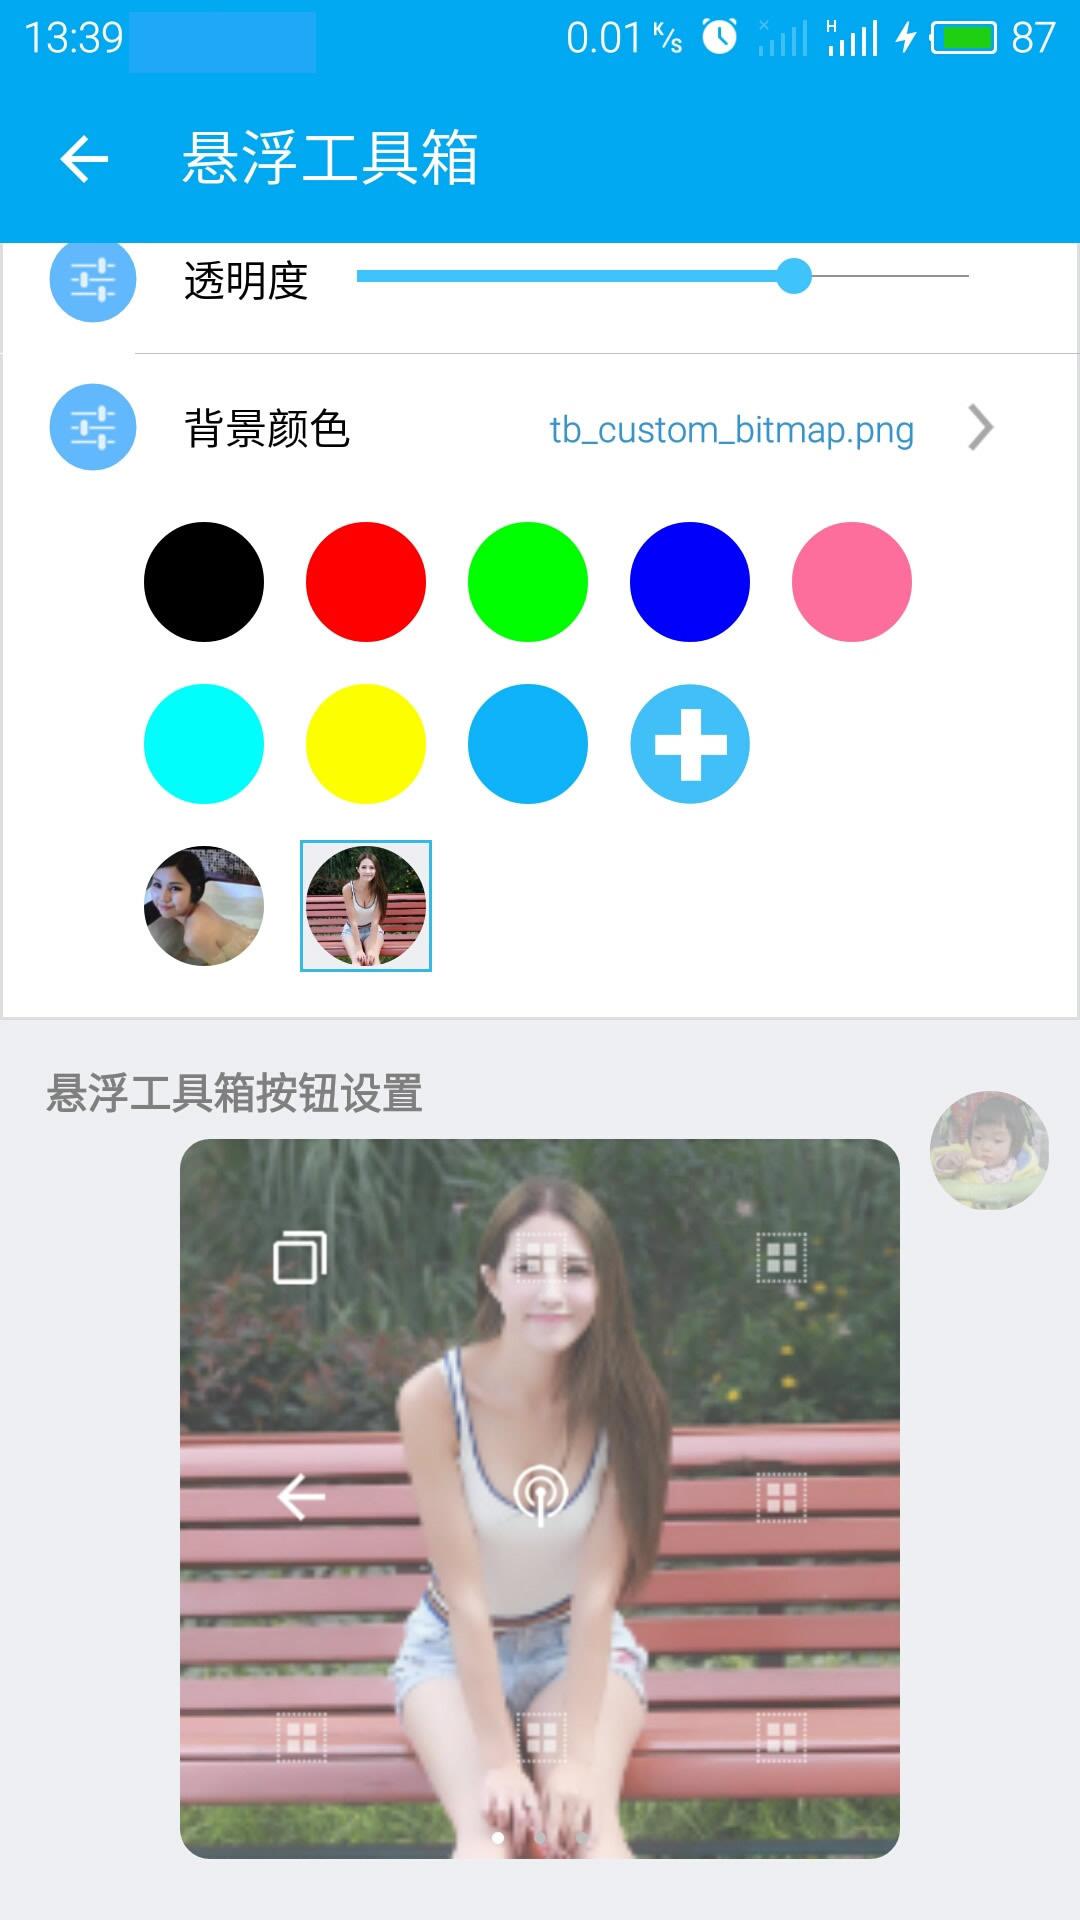 悬浮球手机版app下载_悬浮球手机版app苹果版下载_球